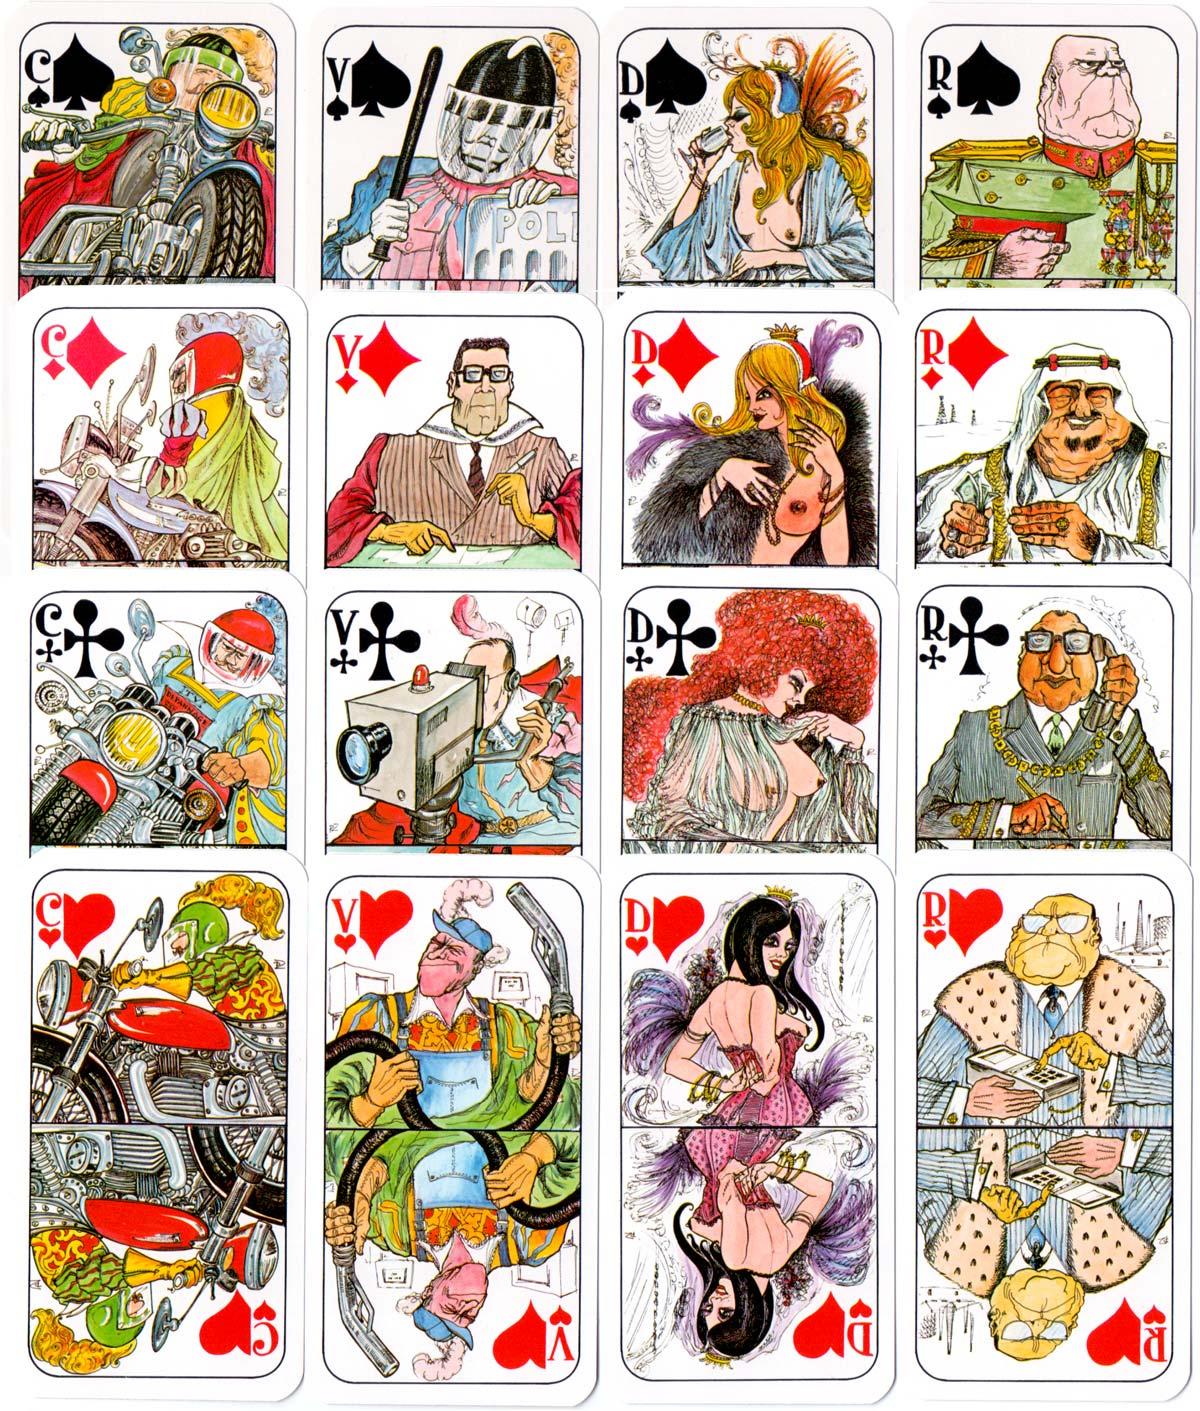 Tarot de l'An 2000 designed by Pino Zac, 1981